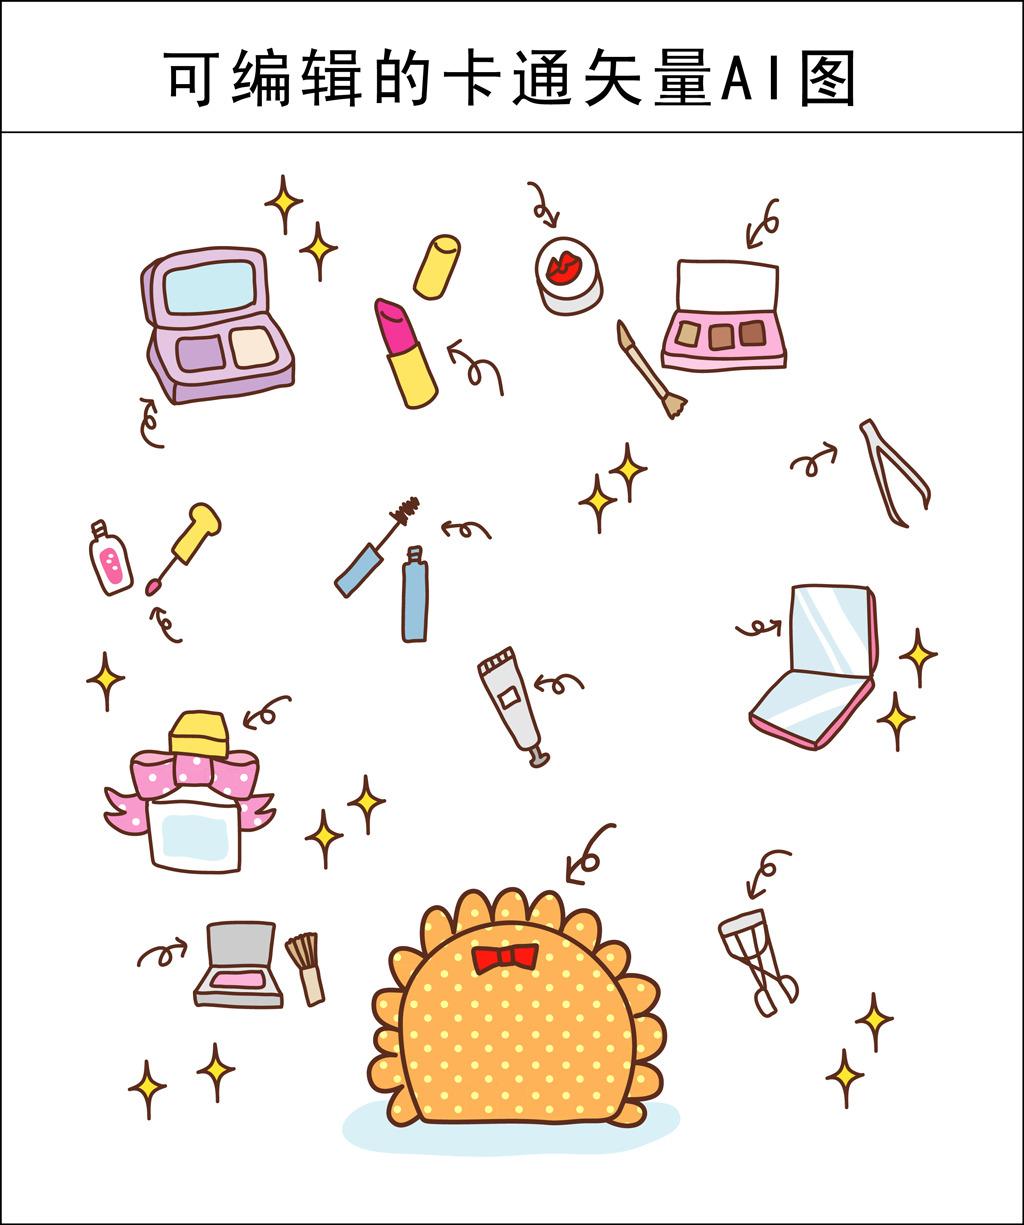 化妆品卡通模板下载 化妆品卡通图片下载